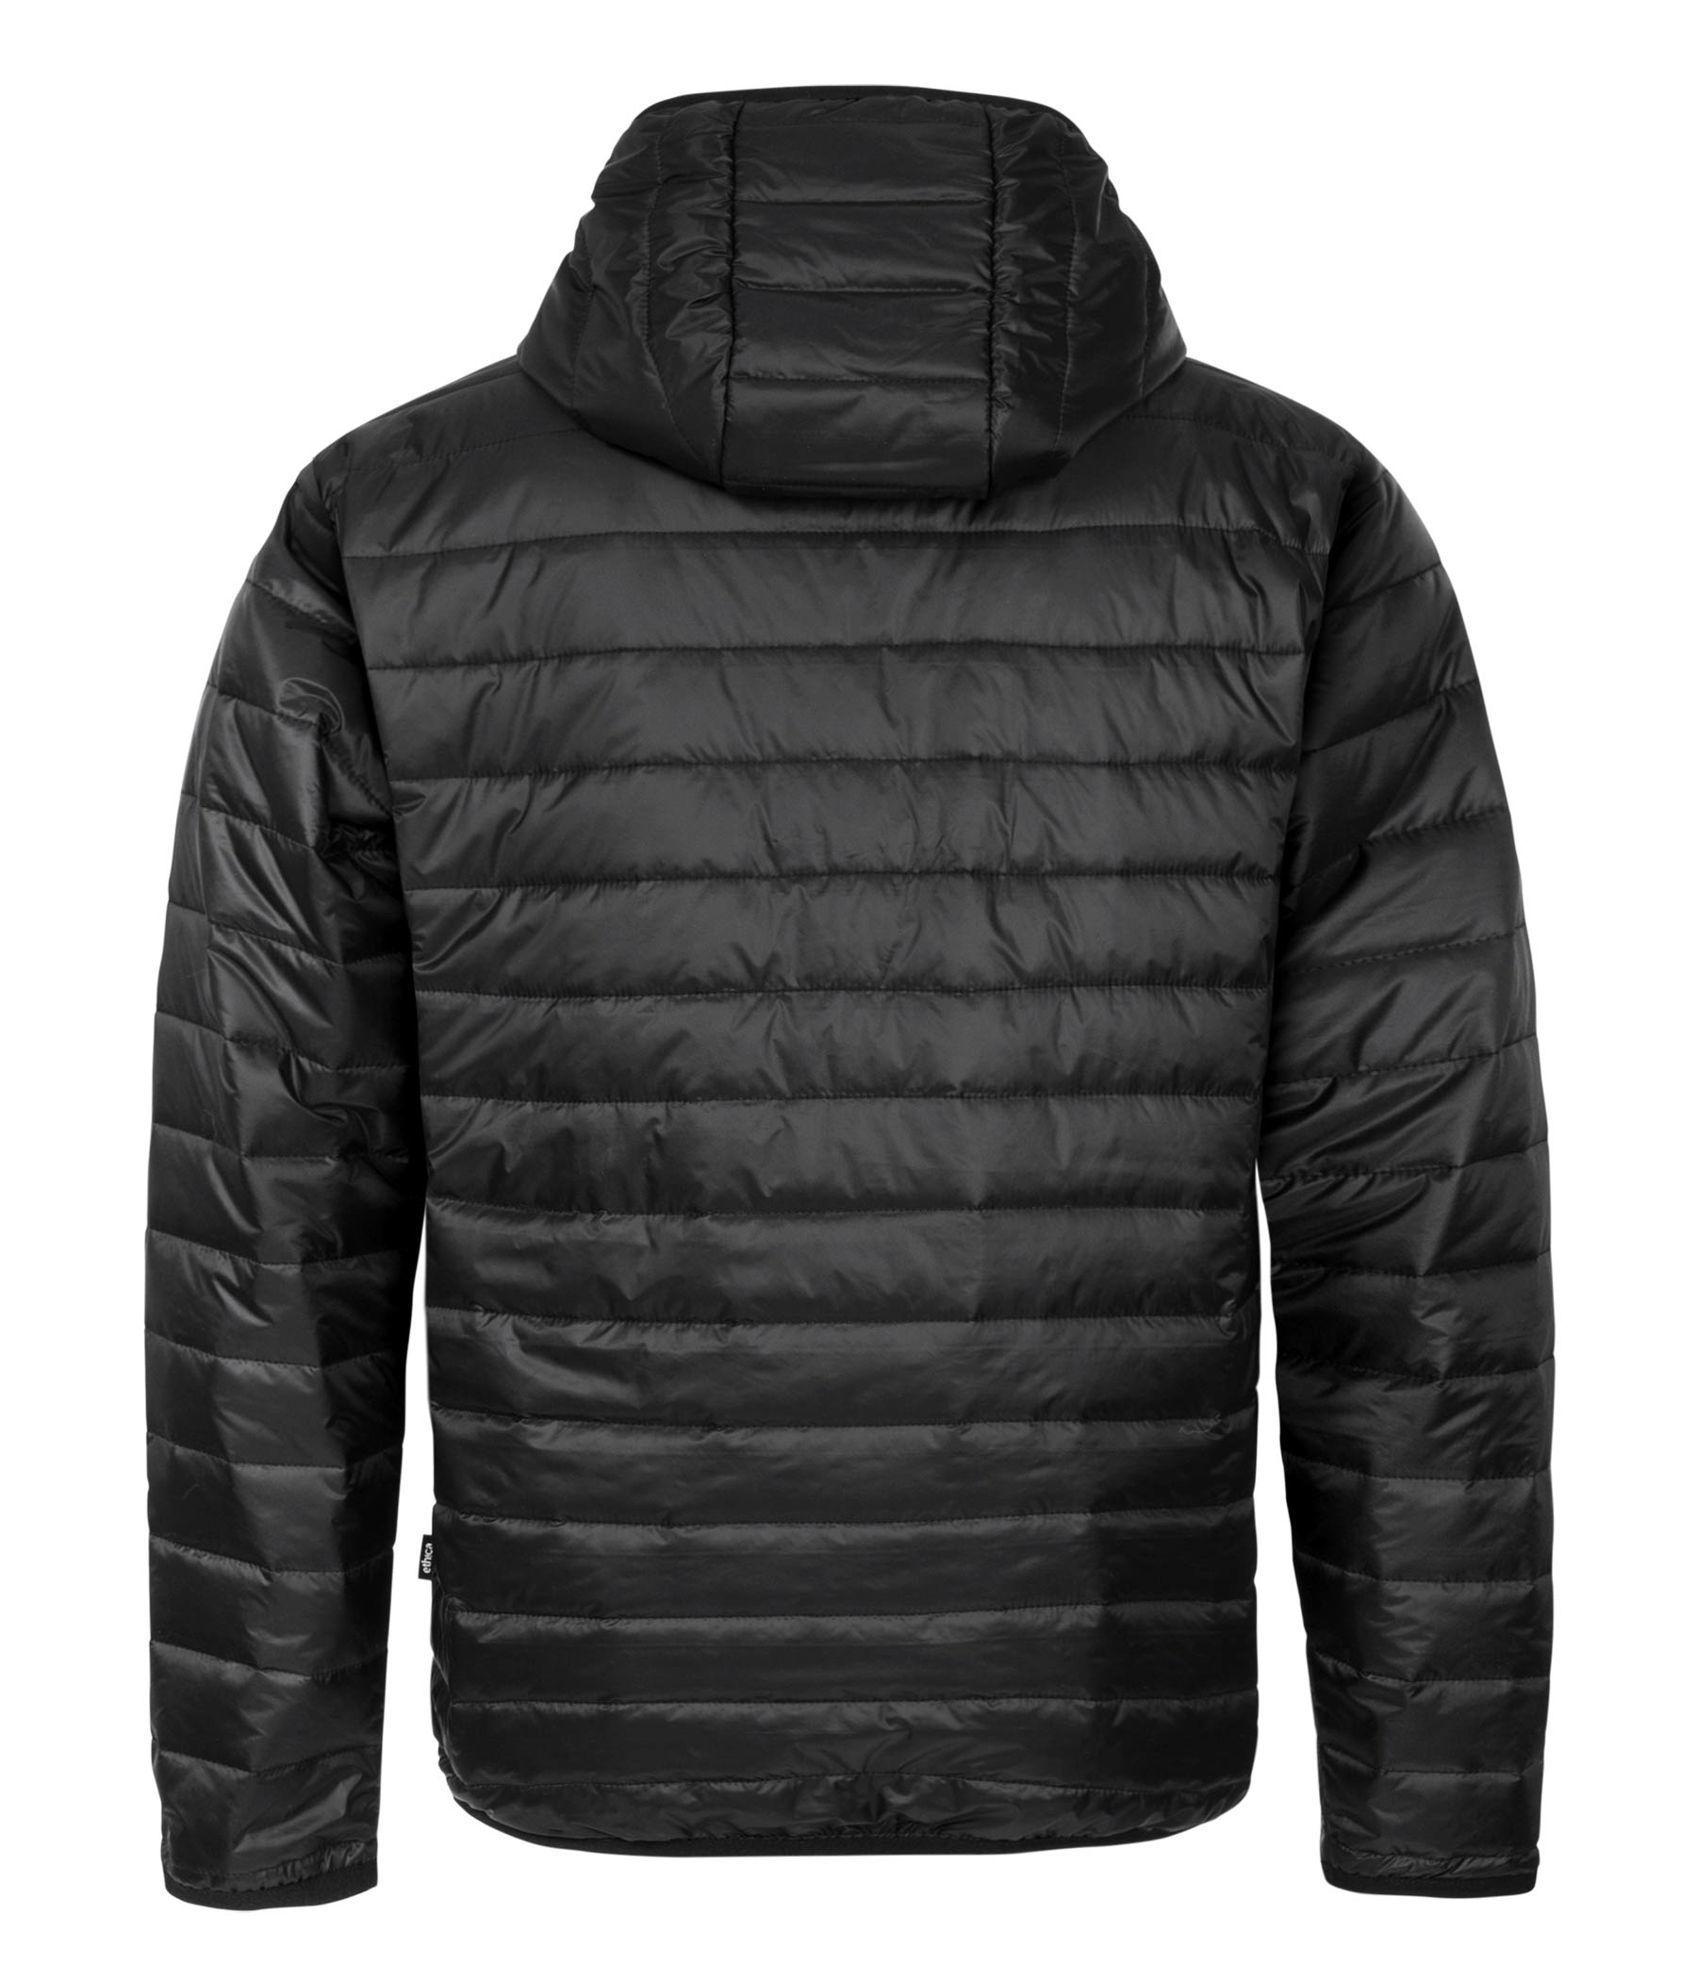 Image de Manteau matelassé noir pour hommes